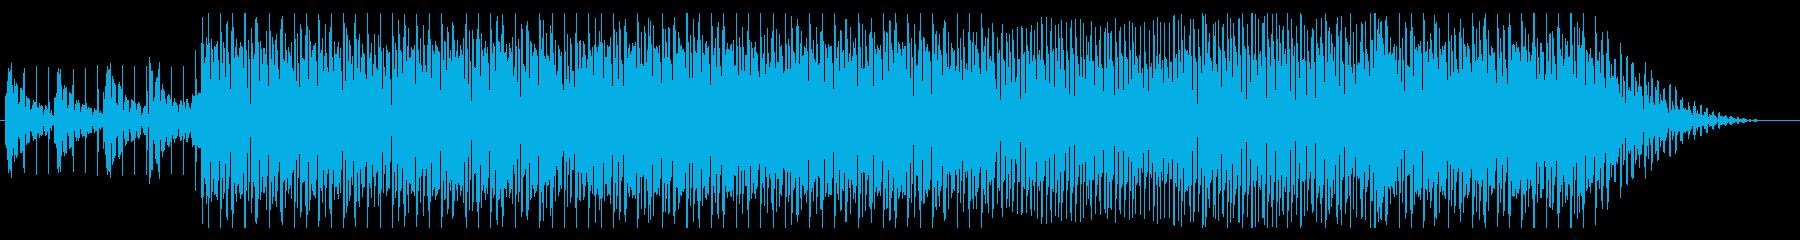 アンニュイなBGM 02の再生済みの波形